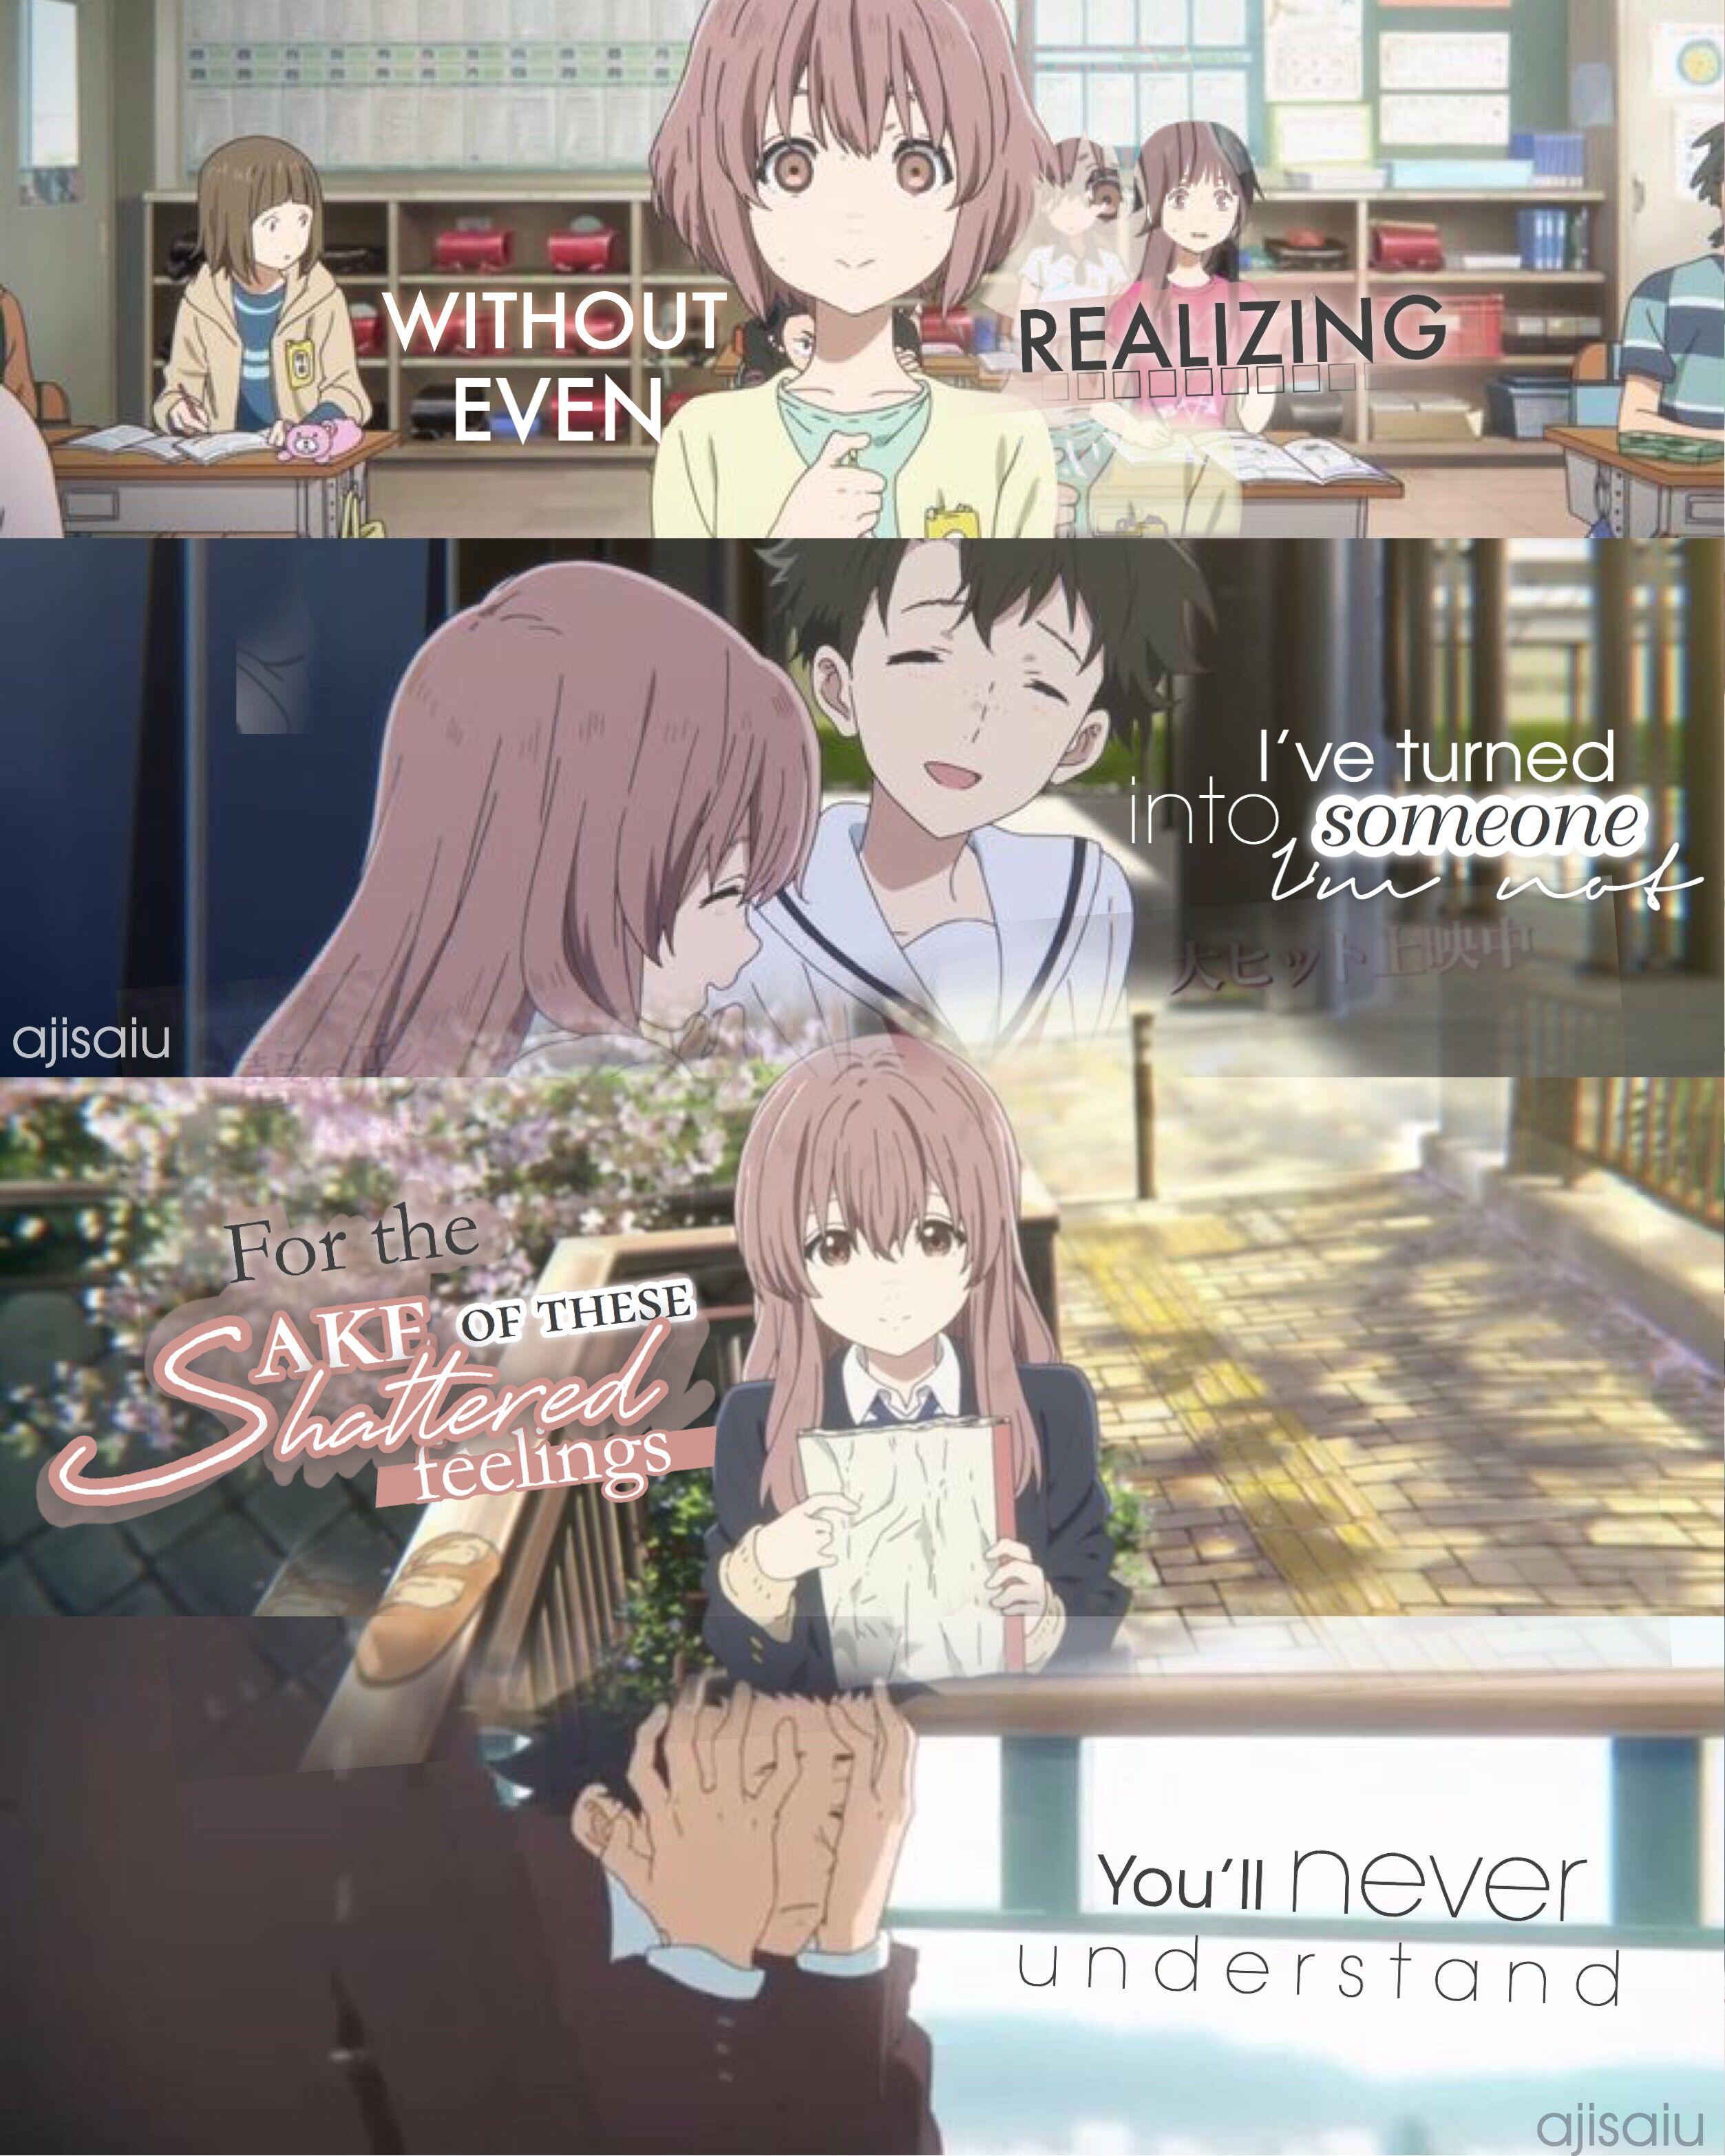 Koe No Katachi Anime Quotes Anime Love Quotes Anime Friendship